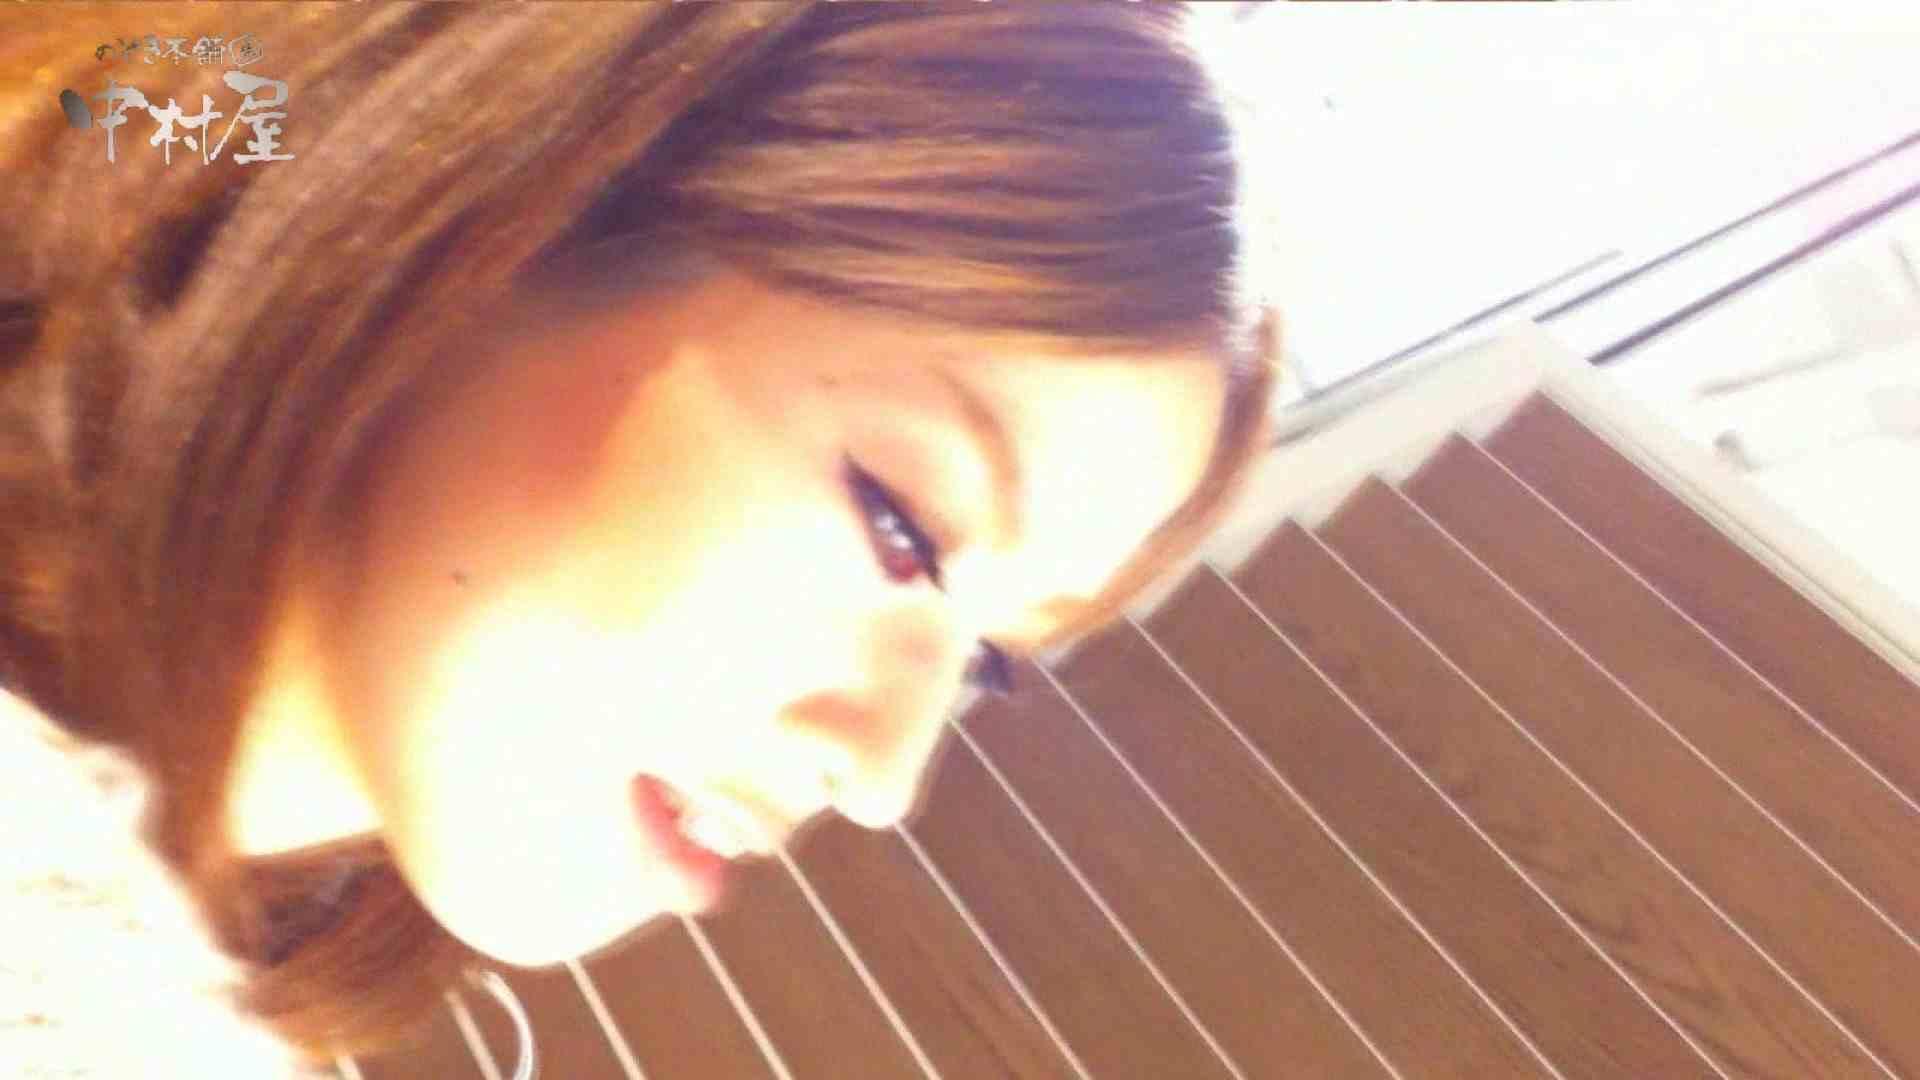 vol.85 美人アパレル胸チラ&パンチラ そそる唇の店員さん 美人 AV無料動画キャプチャ 96pic 62